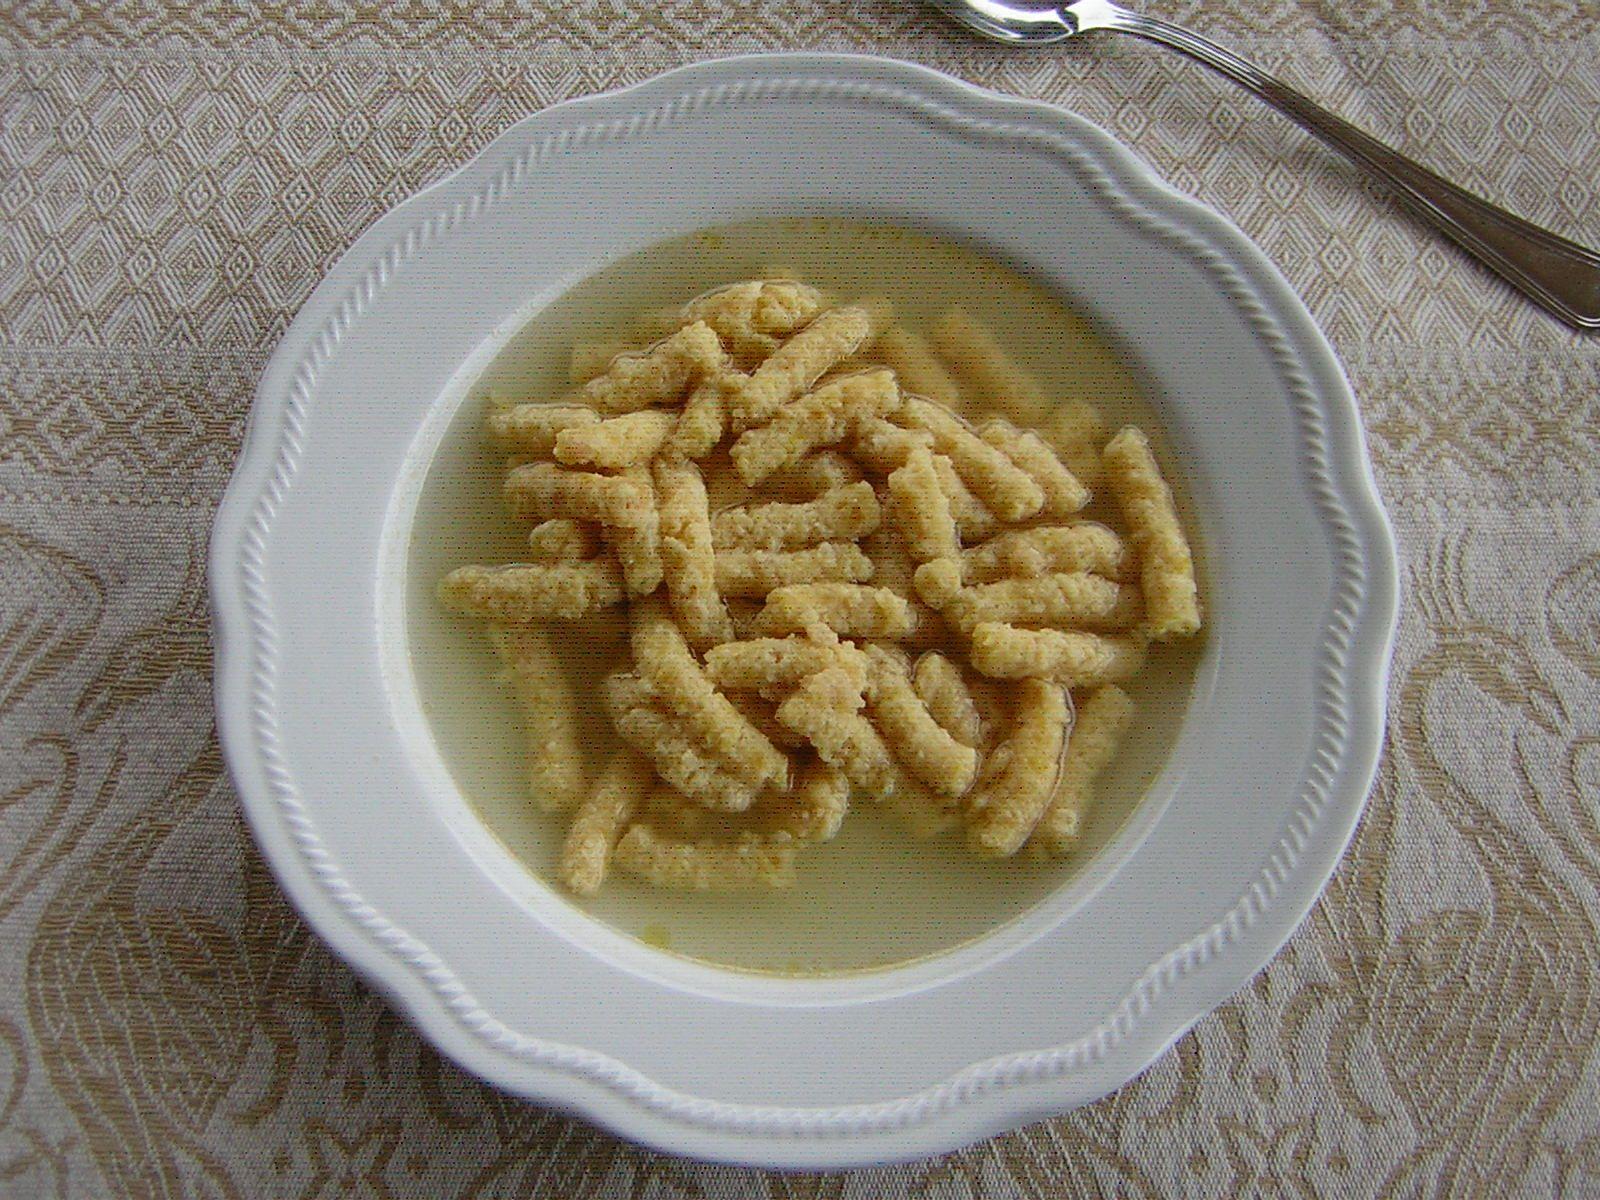 I passatelli in brodo di gallina sono un piatto molto buono e anche facile da preparare. A me hanno regalato di recente un attrezzino carino e funzionale